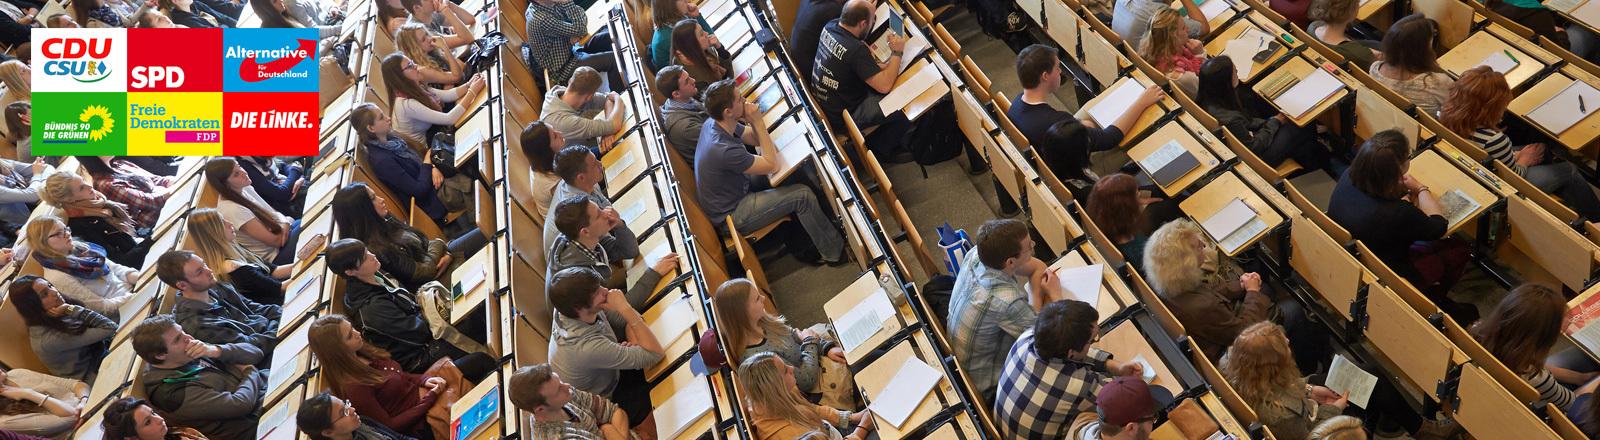 Studenten sitzen am 10.04.2014 bei der Erstsemesterbegrüßung am Campus Koblenz der Universität Koblenz-Landau im großen Hörsaal; Foto: dpa